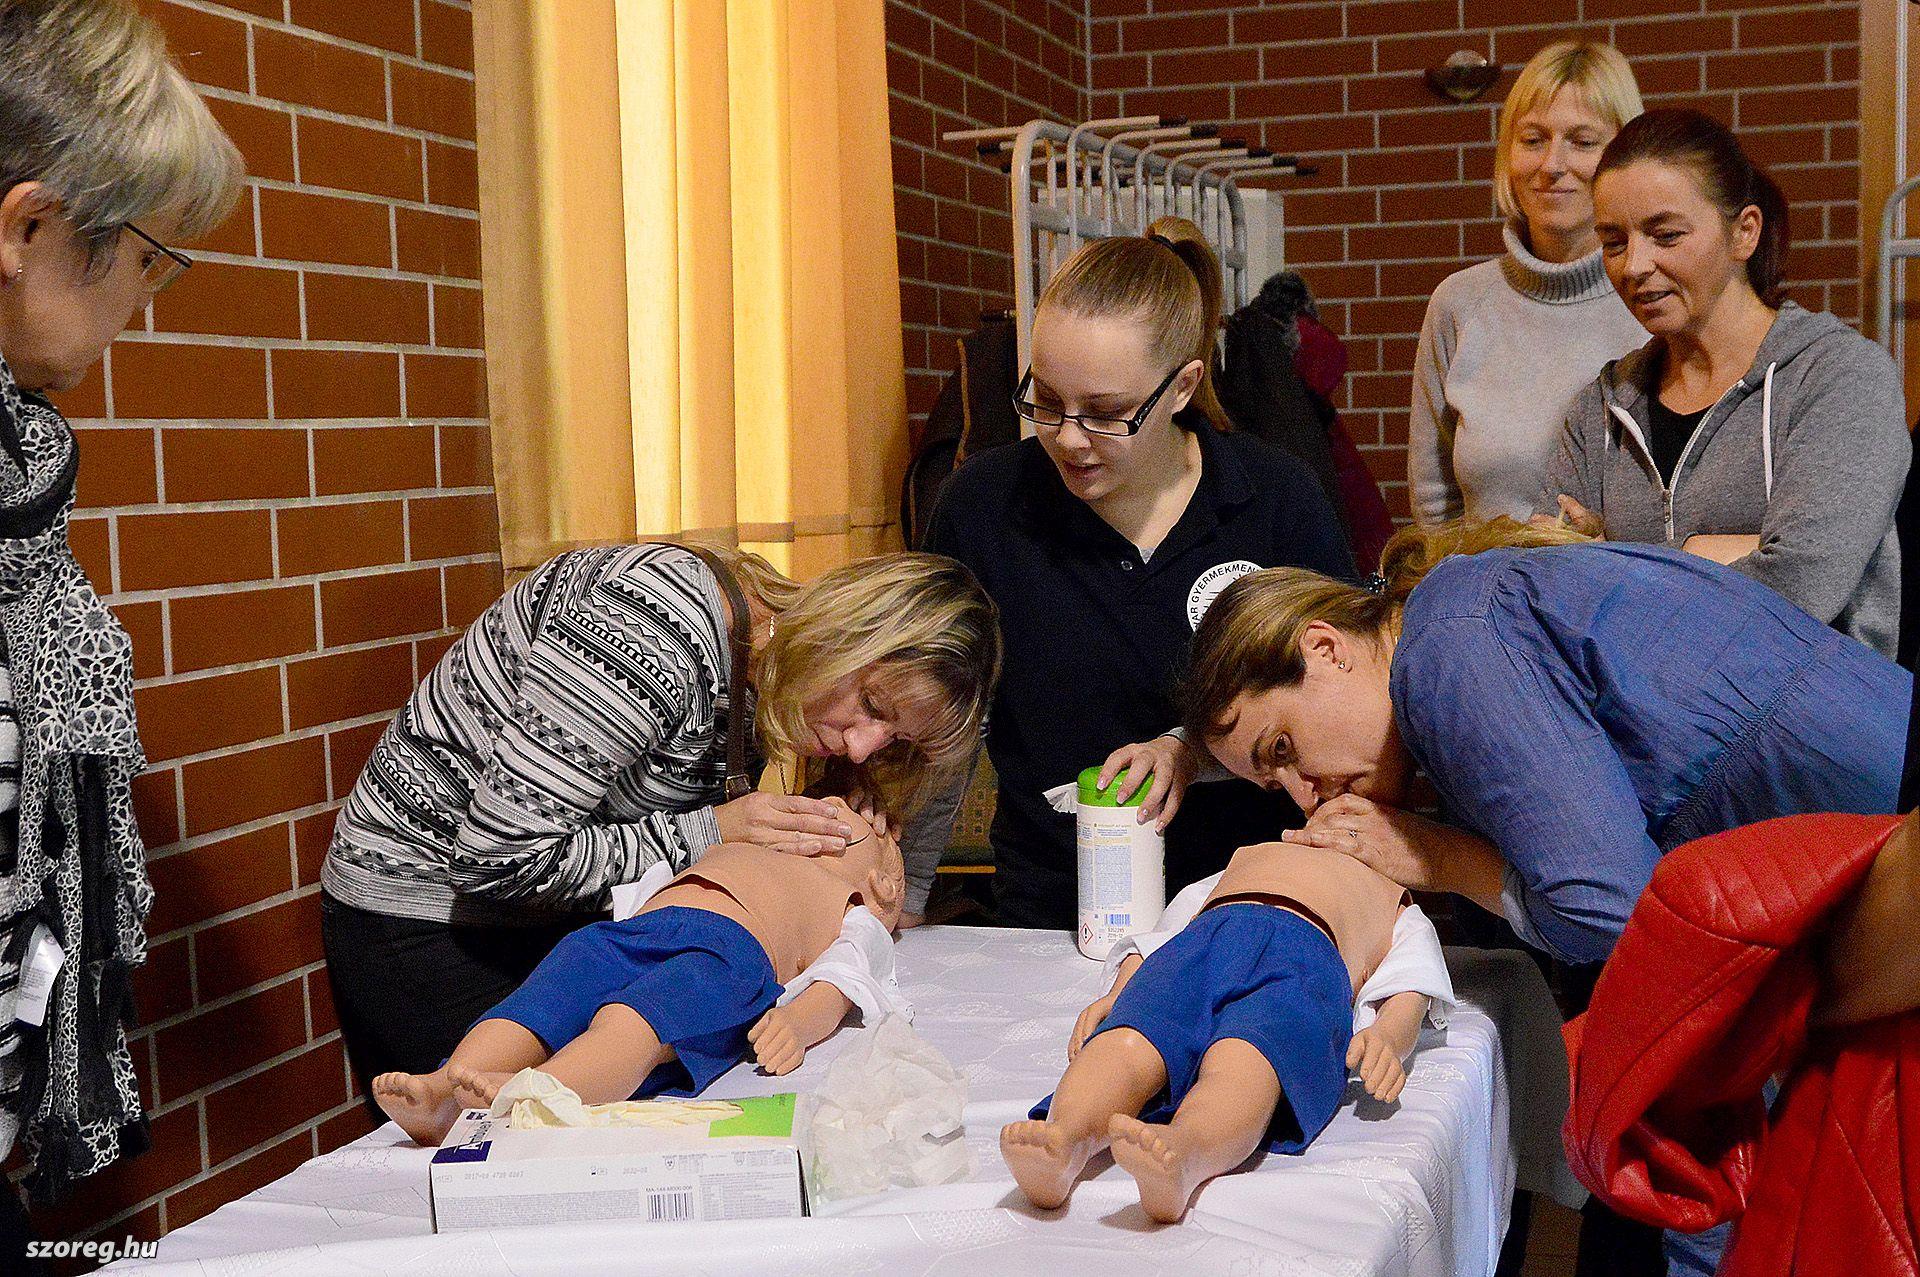 Egészségnap Szőregen: az orvosi rendelőben szűrtek, a művelődési házban életet menteni tanítottak